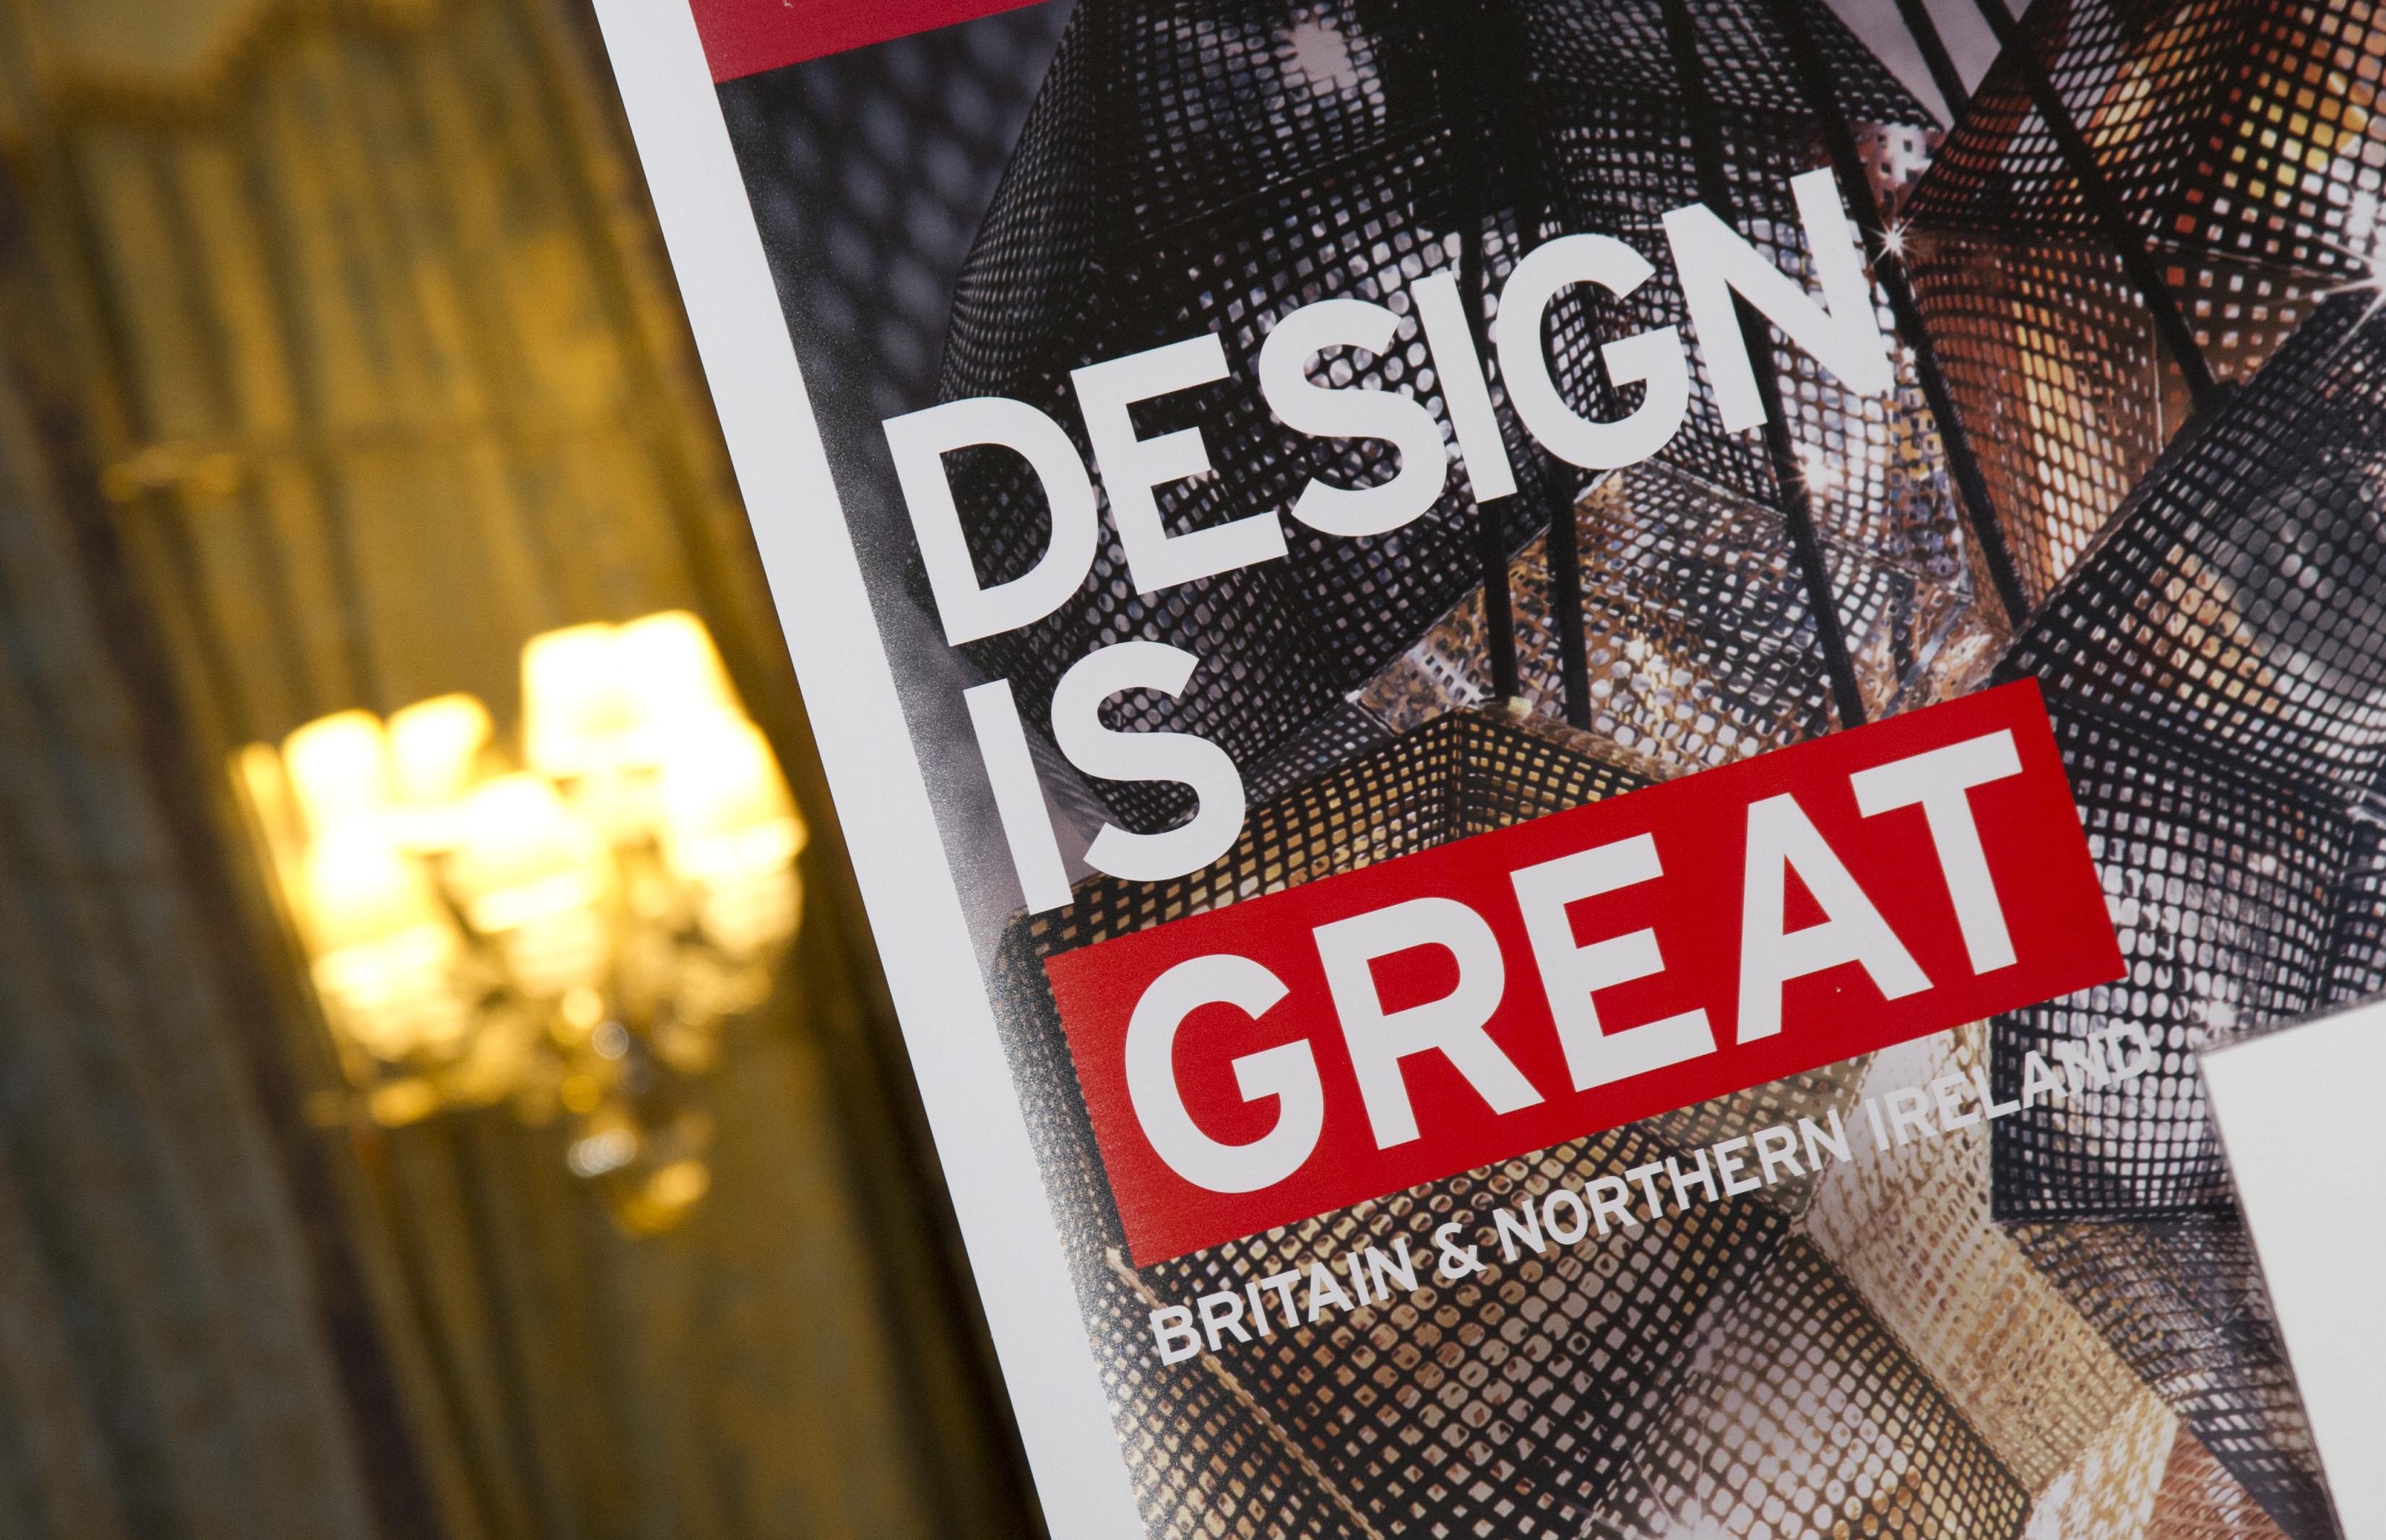 interior design education, Careers & Training